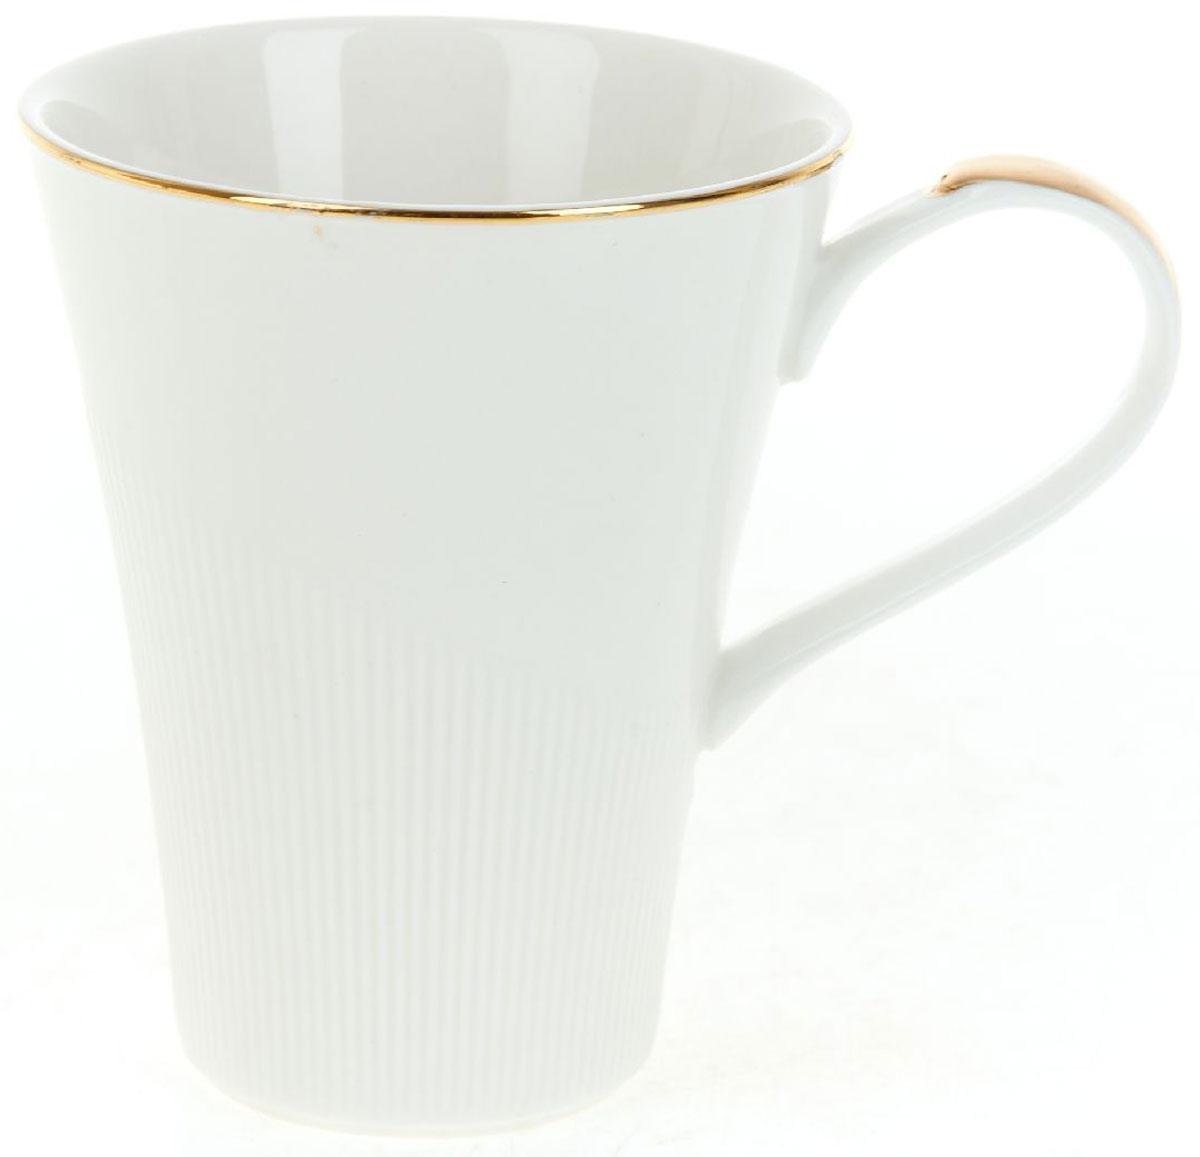 Кружка BHP Белый мрамор, 370 мл54 009312Оригинальная кружка Best Home Porcelain, выполненная из высококачественного фарфора, сочетает в себе простой, утонченный дизайн с максимальной функциональностью. Оригинальность оформления придется по вкусу тем, кто ценит индивидуальность.Можно использовать в посудомоечной машине.